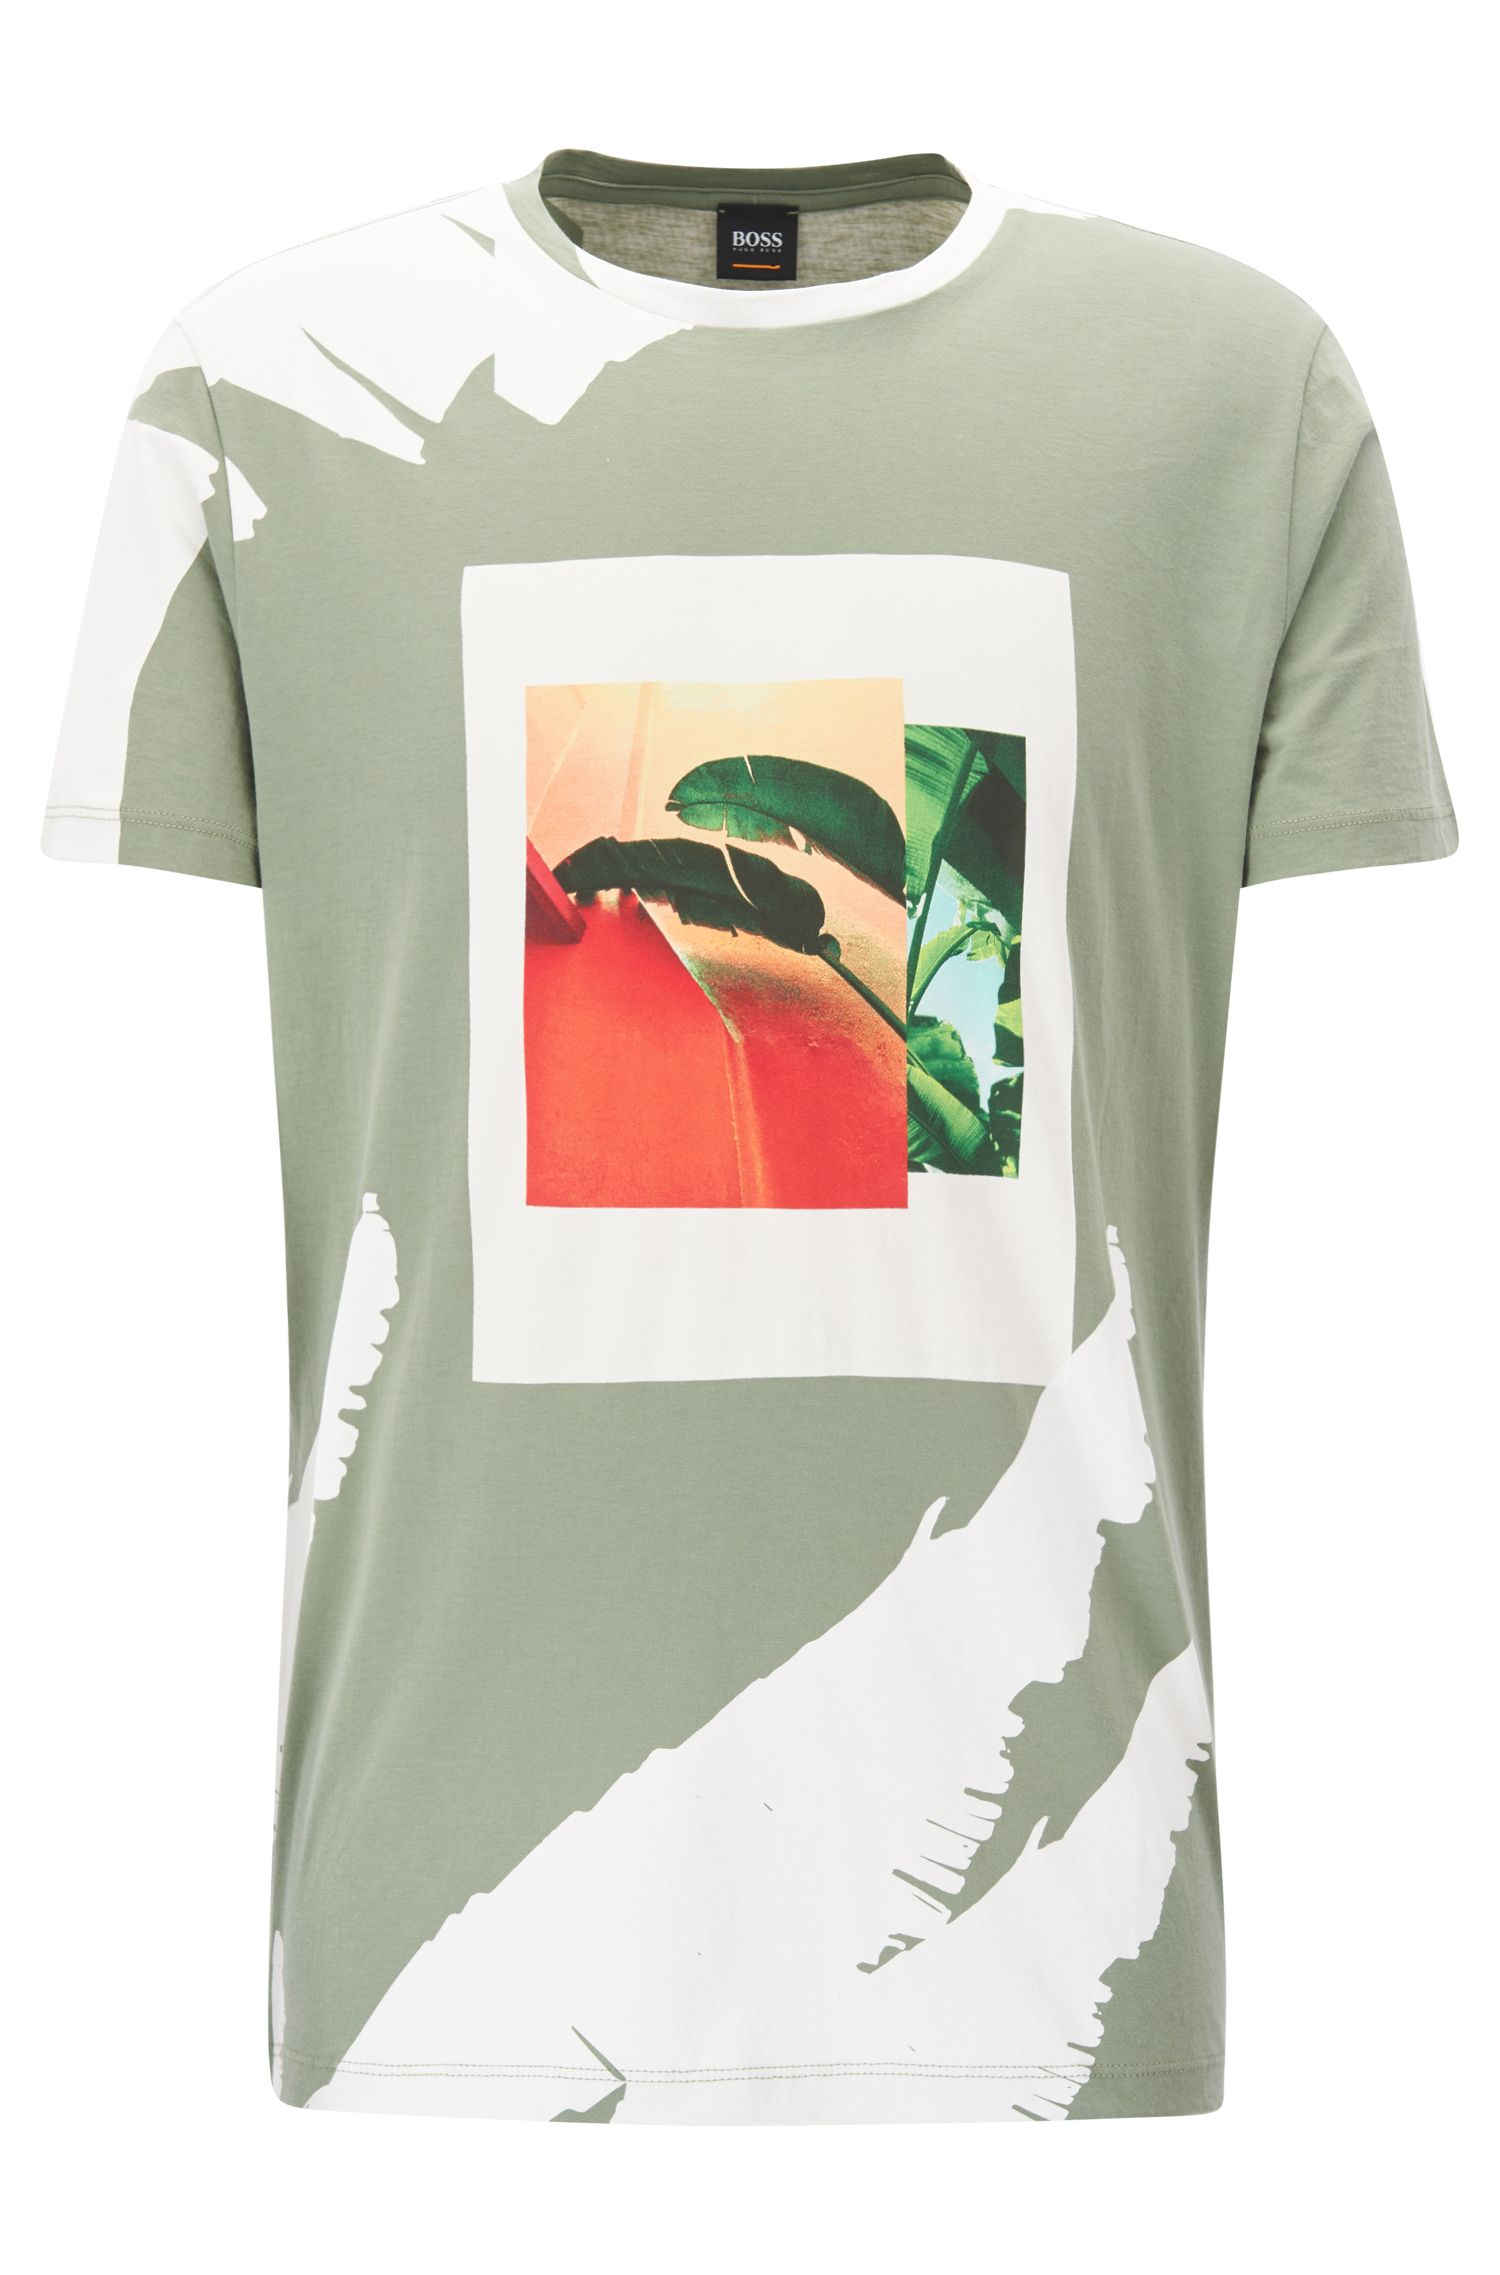 Tropical-Print Cotton Graphic T-Shirt | Timen